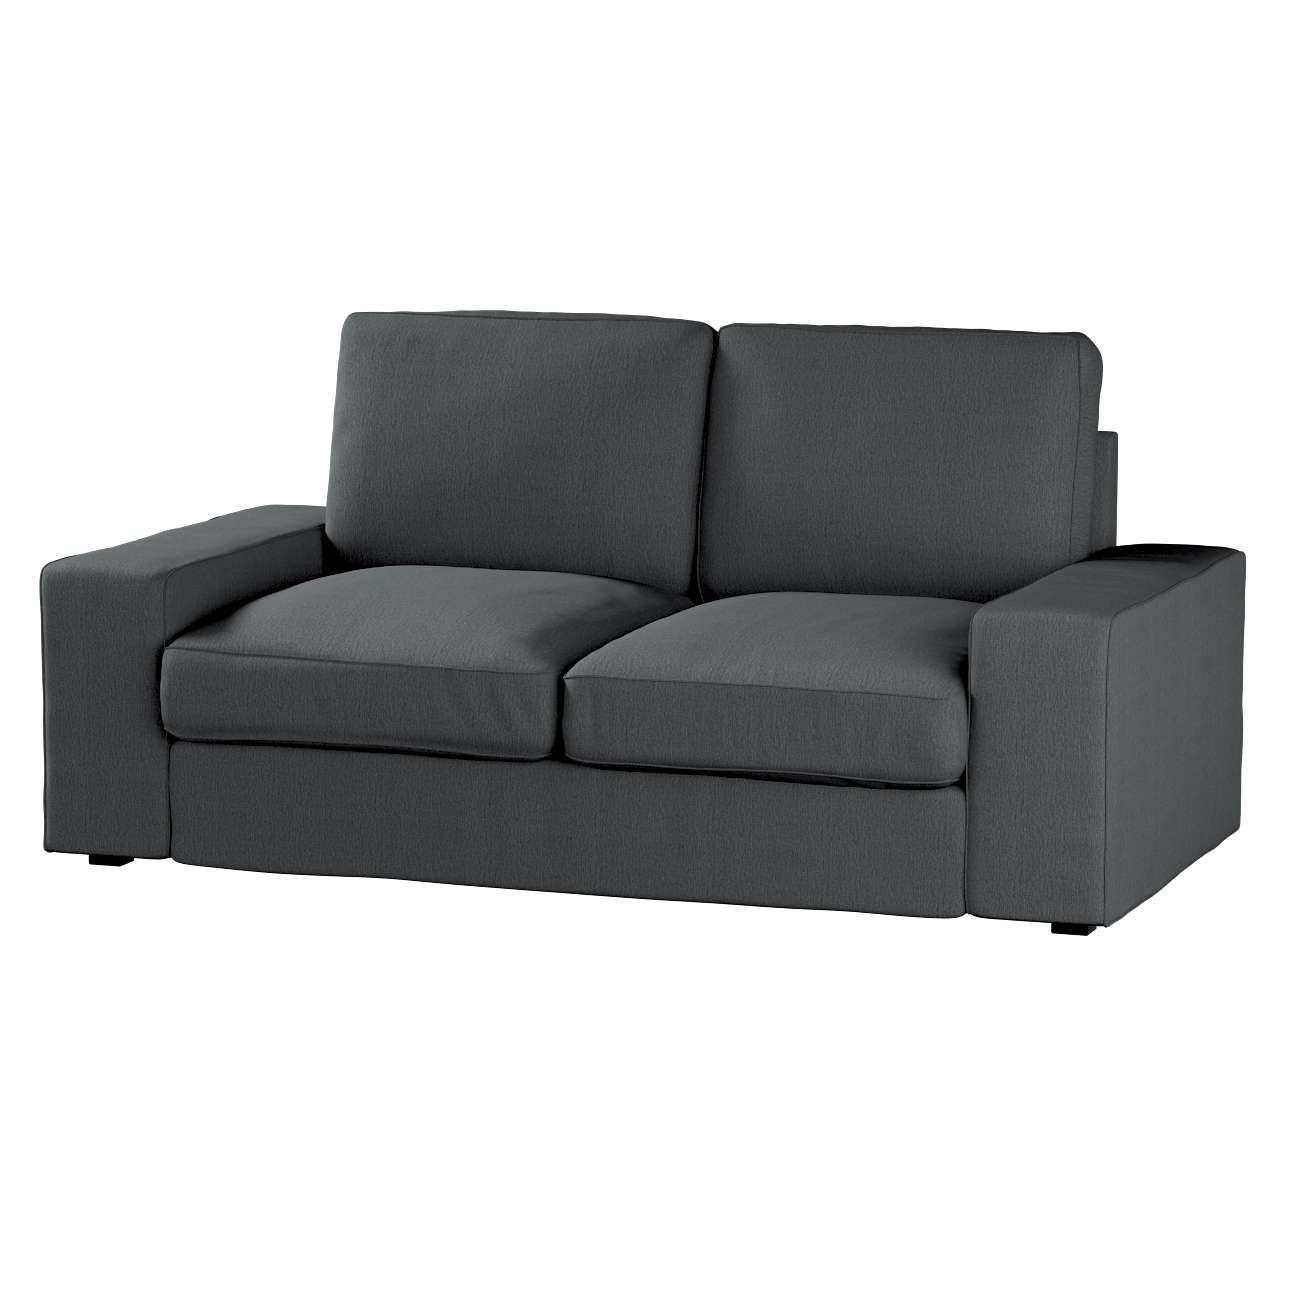 KIVIK dvivietės sofos užvalkalas Kivik 2-seat sofa kolekcijoje Chenille, audinys: 702-20